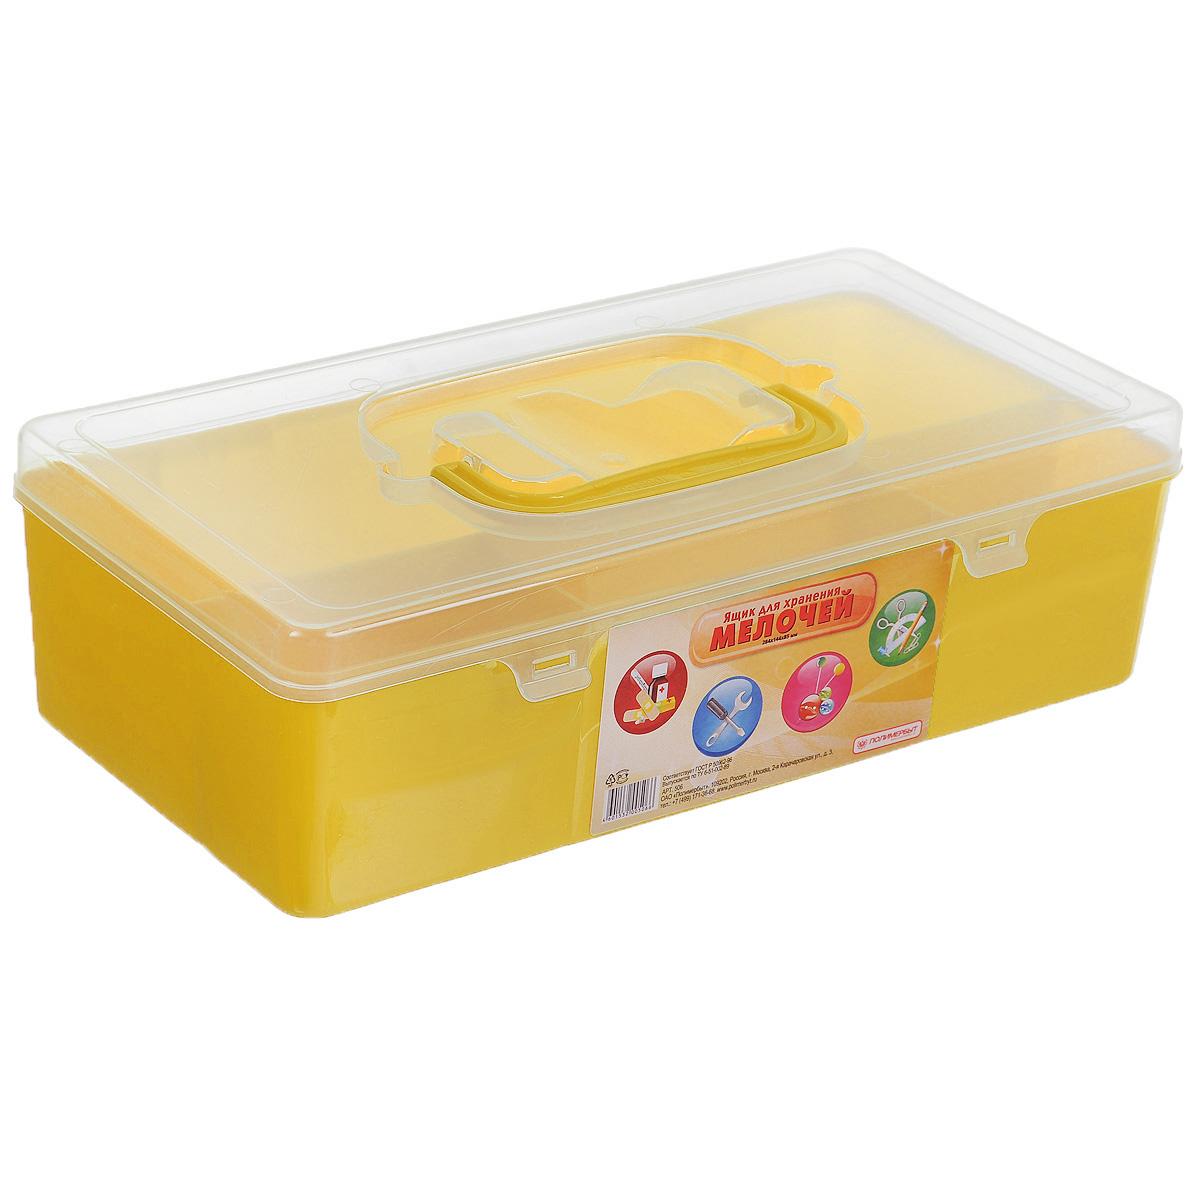 Ящик для мелочей Полимербыт, цвет: желтый, 28,4 х 14,4 х 8,5 смС506Ящик Полимербыт, выполненный из прочного пластика, предназначен для хранения различных мелких вещей. Внутри имеются 4 отделения различных размеров: большое, среднее и два маленьких. Ящик закрывается при помощи прозрачной крышки, на которой расположена удобная ручка для переноски. Ящик Полимербыт поможет хранить все в одном месте, а также защитить вещи от пыли, грязи и влаги. Размеры отделений: Размер большого отделения: 28,4 см х 9 см х 8,5 см; Размер среднего отделения: 11,3 см х 4,7 см х 8,5 см; Размер малого отделения: 8 см х 4,7 см х 8,5 см.